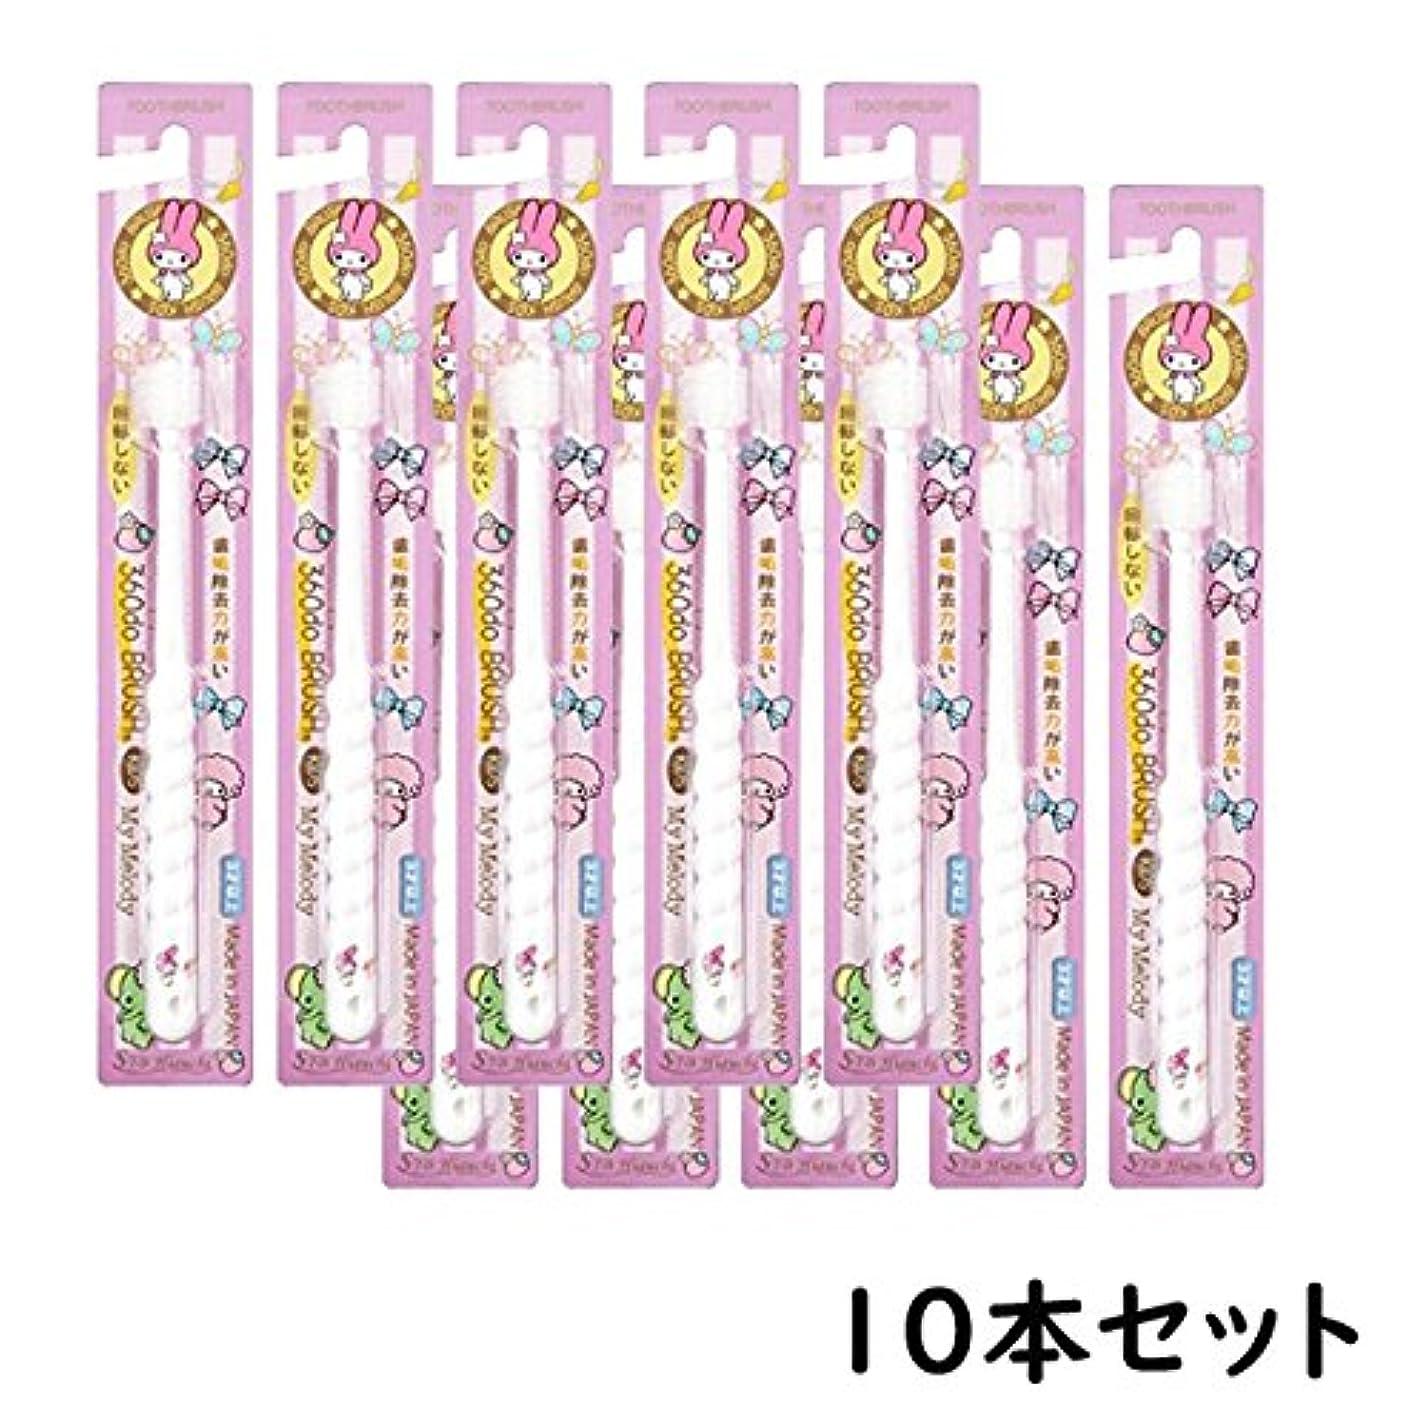 ファックスにじみ出るビルダー360度歯ブラシ 360do BRUSH たんぽぽの種キッズ マイメロディ (10本)